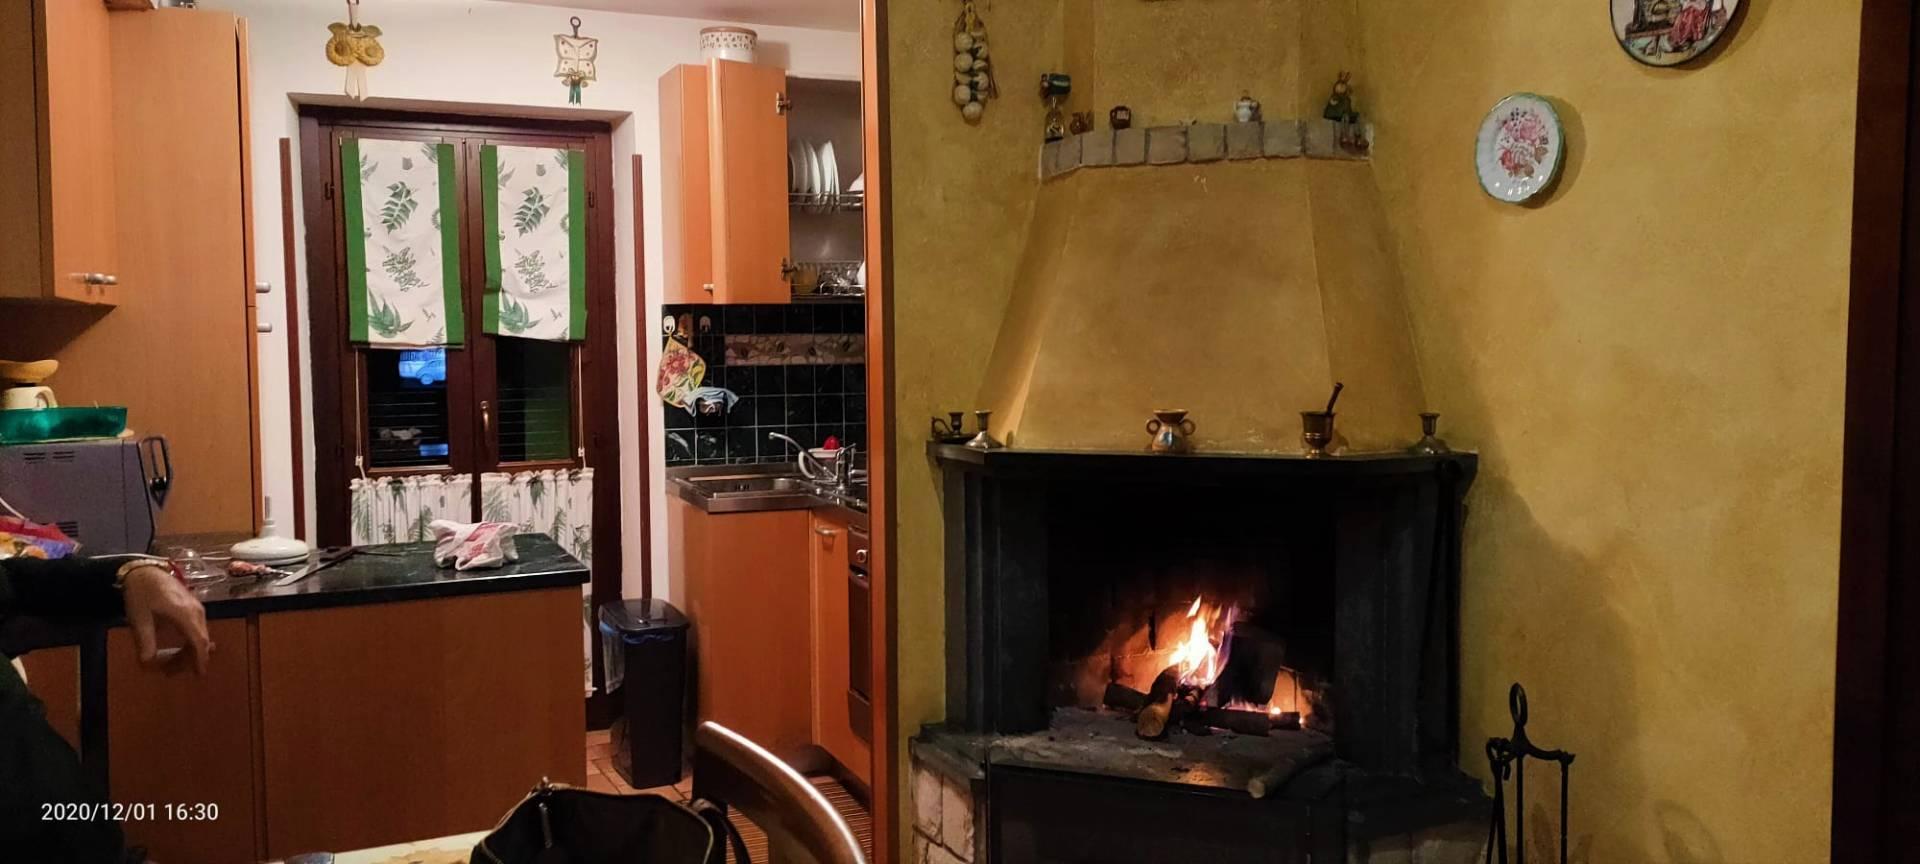 Appartamento in vendita a Bassiano, 4 locali, prezzo € 120.000 | CambioCasa.it